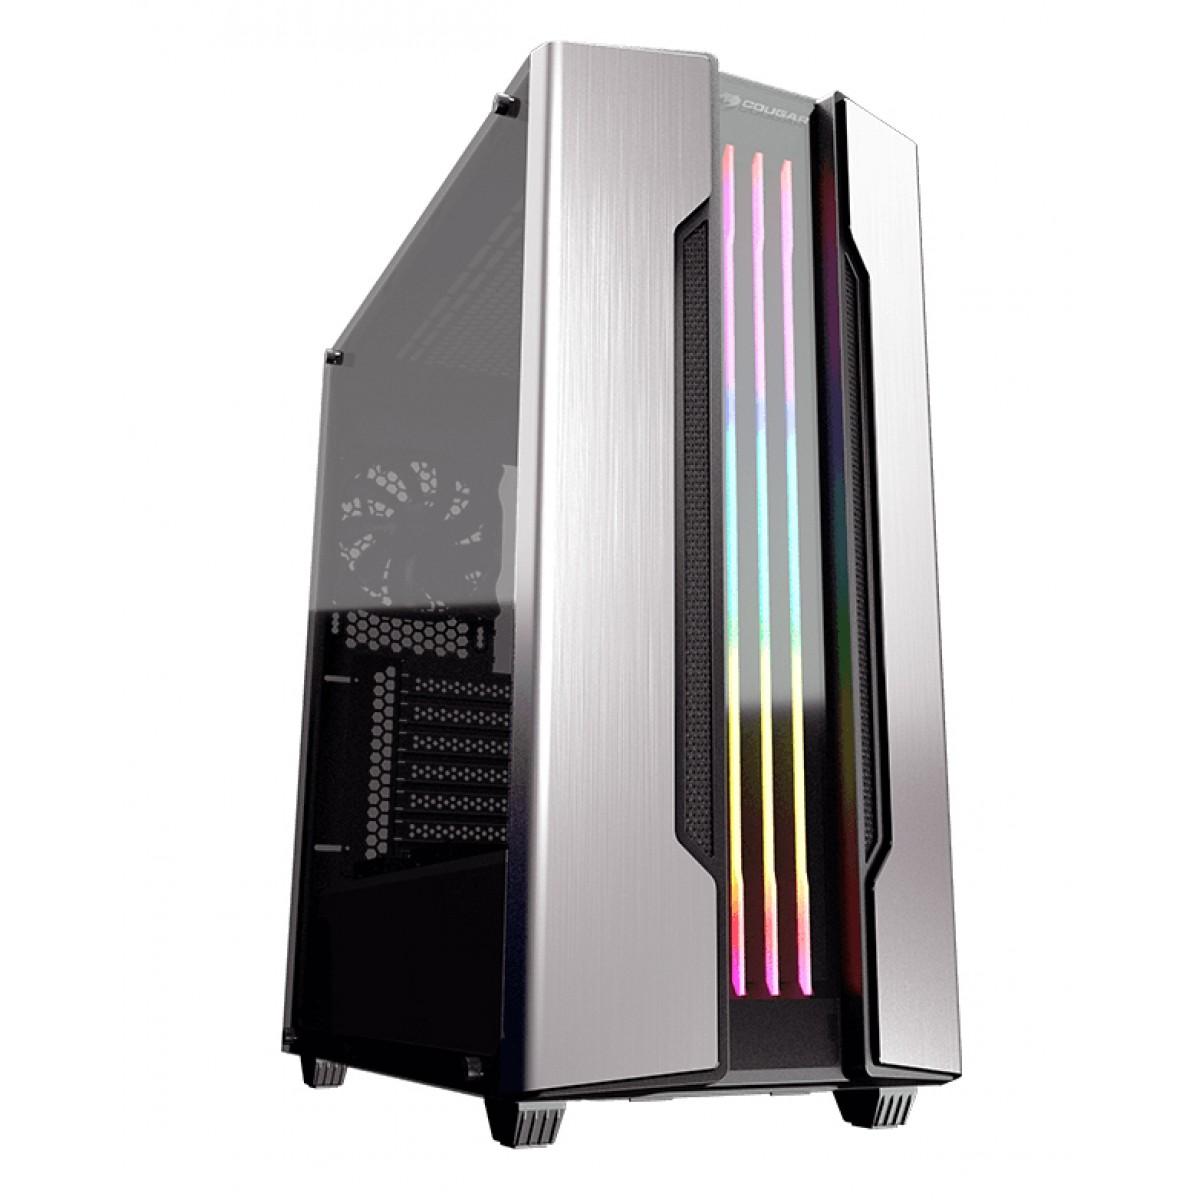 PC Gamer T-Power Captain Lvl-1 Intel I7 9700K 3.60GHz / Radeon RX 5700 8GB / 16GB DDR4 / HD 1TB / 600W